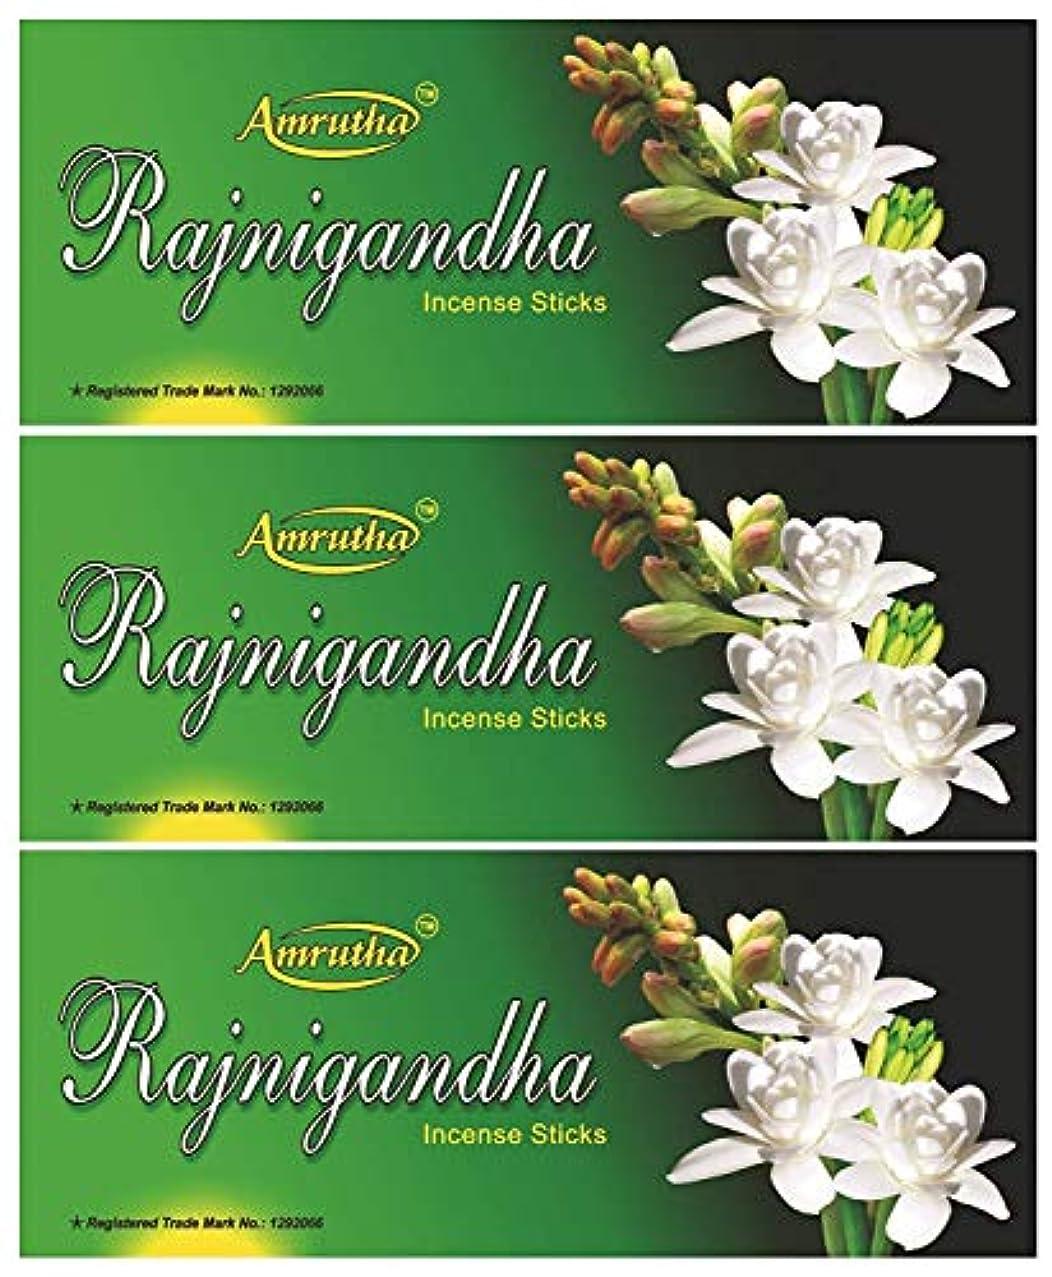 フック改革しかしAMRUTHA PREMIUM INCENSE STICKS Rajnigandha Incense Sticks (100g, Black) - Pack of 3